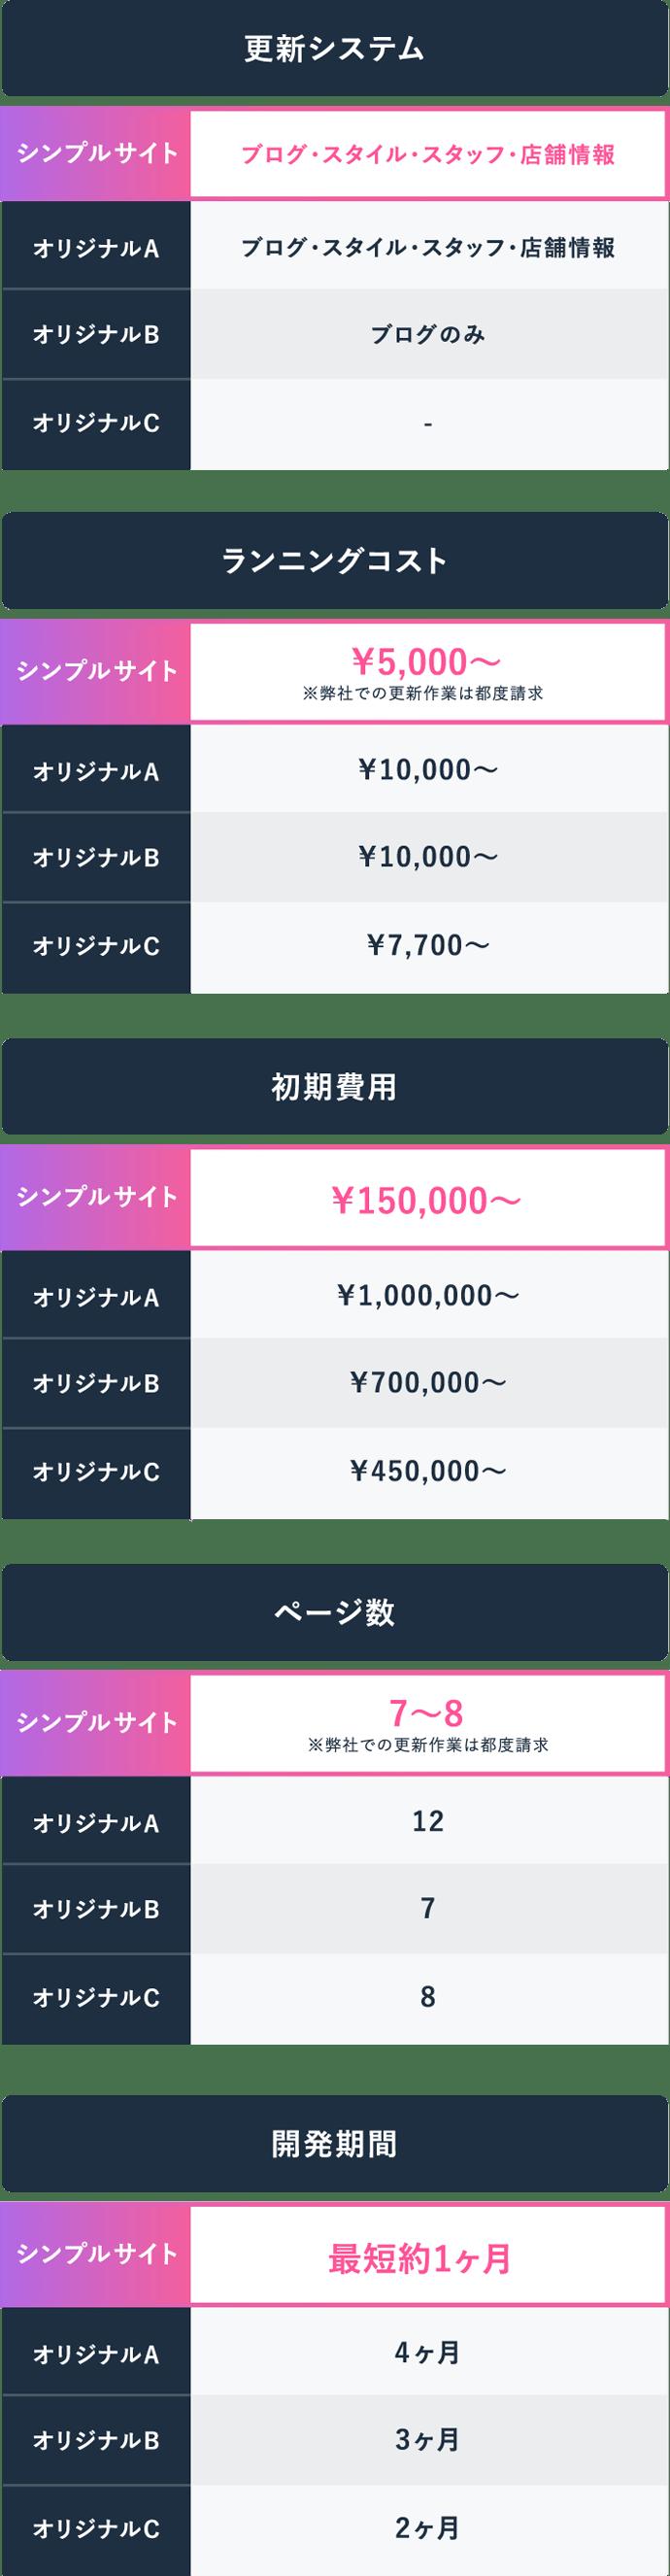 サイト制作料金比較表